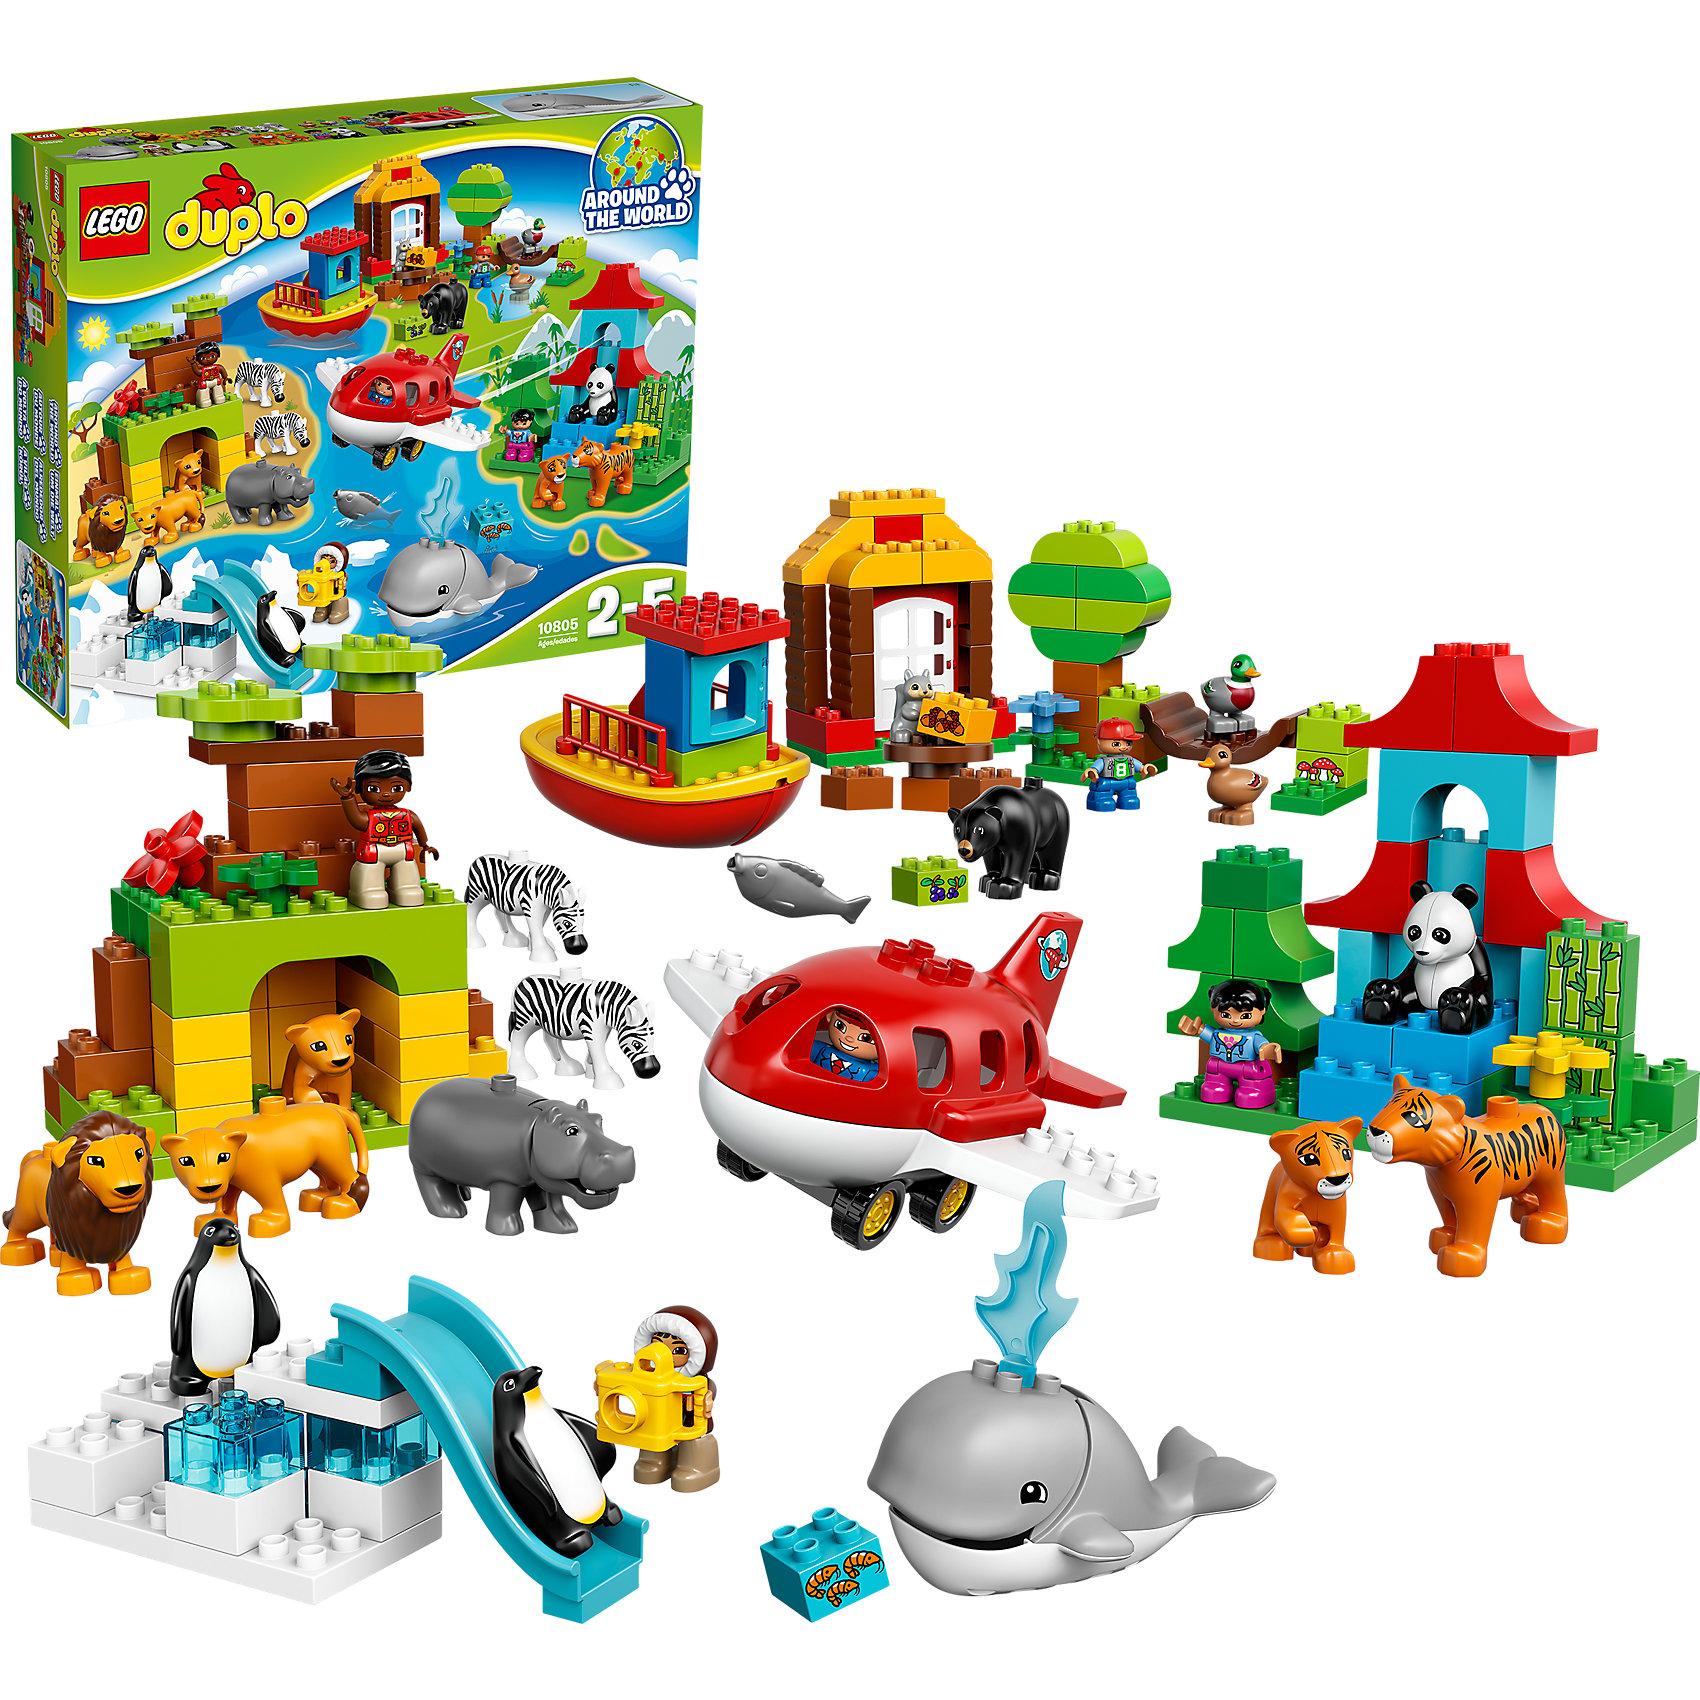 LEGO DUPLO 10805: Вокруг светаКонструкторы для малышей<br>LEGO DUPLO (ЛЕГО Дупло) 10805: Вокруг света непременно заинтересует любознательных малышей. Ваш ребенок познакомится с животными со всех концов света, узнает как они называются, как выглядят и где живут в дикой природе. Используйте самолет или лодку чтобы добраться в самые далекие уголки мира и увидеть животных в их естественной среде обитания. Разнообразные детали помогут выстроить элементы ландшафта разных континентов (африканскую саванну, лиственный лес, арктический пейзаж) и различные постройки (лесной домик, горку, буддийский храм и другие). В набор входят 5 фигурок человечков LEGO DUPLO, а также 17 животных со всего мира, в том числе кит с открывающейся пастью!<br><br>ЛЕГО Дупло - серия конструкторов для малышей, которую отличают крупные яркие детали со скругленными безопасными углами и многообразие игровых сюжетов, это и животные, и растения, и машинки, и сказочные персонажи. <br><br>Дополнительная информация:<br><br>- Игра с конструктором LEGO (ЛЕГО) развивает мелкую моторику ребенка, фантазию и воображение, учит его усидчивости и внимательности.<br>- Количество деталей: 163.<br>- Количество минифигур: 22 (5 человечков, 17 животных: тигр с тигренком, 2 льва, кит, 2 зебры, бегемот, медведь, панда, пингвин, 2 утки и др.).<br>- Серия: LEGO DUPLO (ЛЕГО Дупло). <br>- Материал: пластик.<br>- Размер упаковки: 58 х 12 х 48 см.<br>- Вес: 2,68 кг.<br><br>Конструктор LEGO DUPLO (ЛЕГО Дупло) 10805: Вокруг света можно купить в нашем интернет-магазине.<br><br>Ширина мм: 585<br>Глубина мм: 480<br>Высота мм: 129<br>Вес г: 2732<br>Возраст от месяцев: 24<br>Возраст до месяцев: 60<br>Пол: Унисекс<br>Возраст: Детский<br>SKU: 4259173